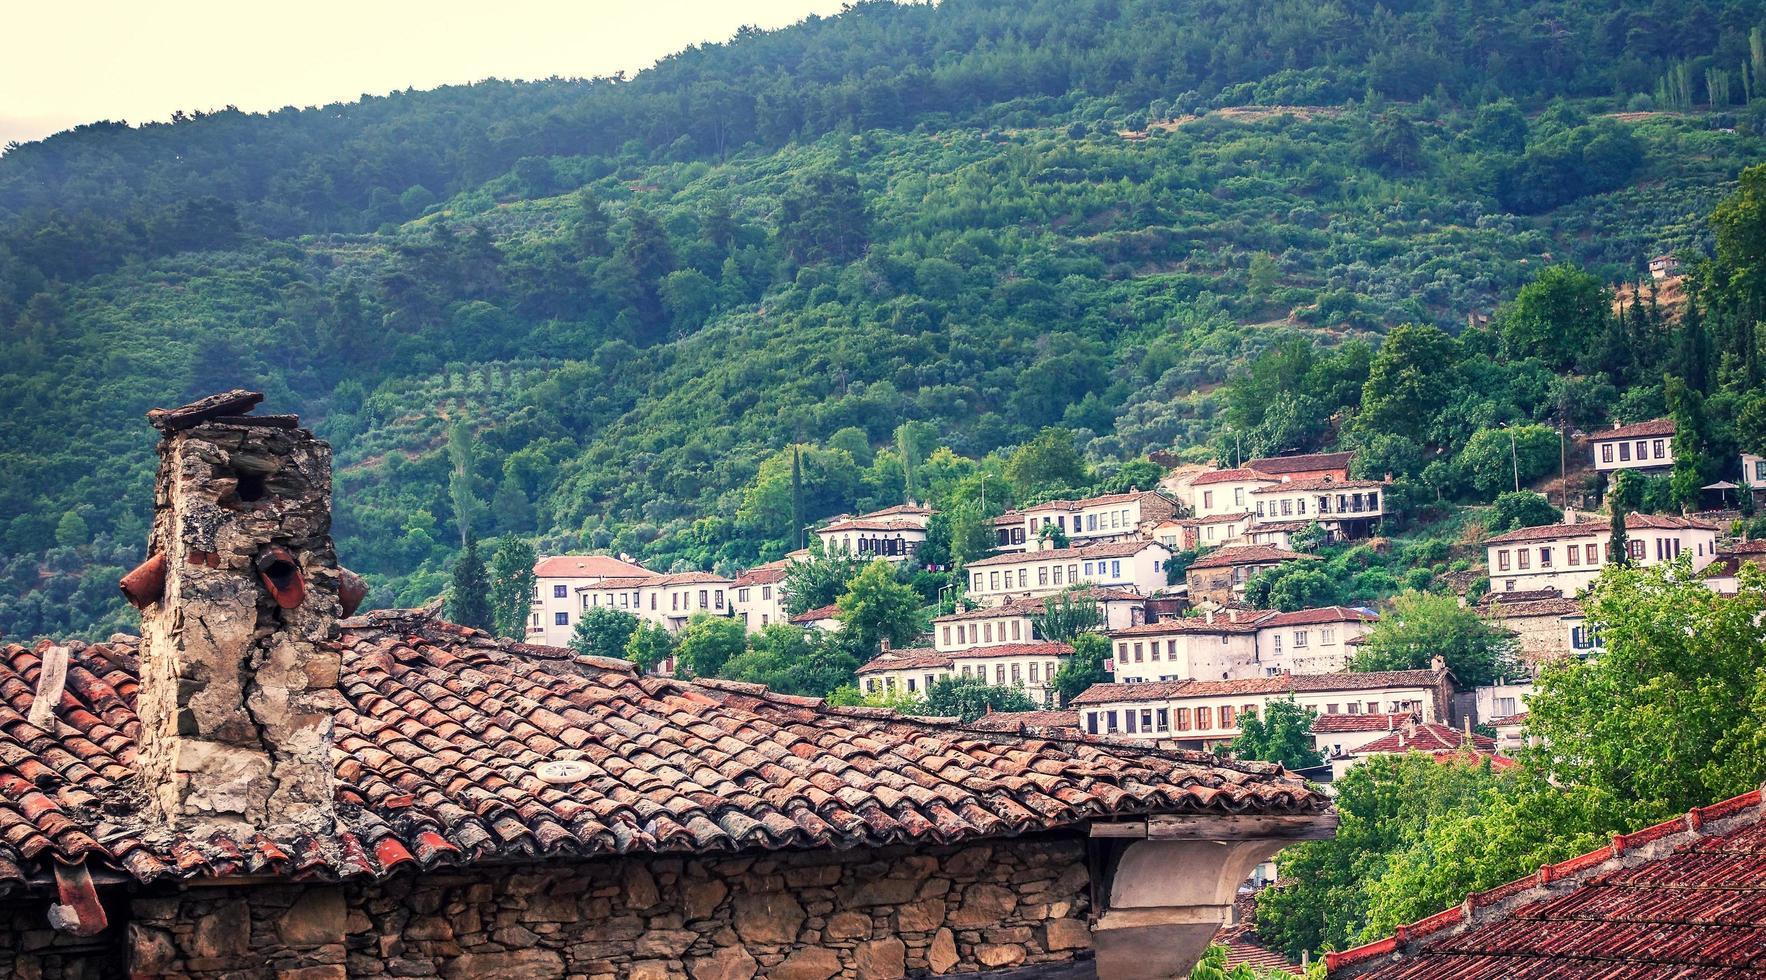 un beau centre de tourisme antique ville sirince photo